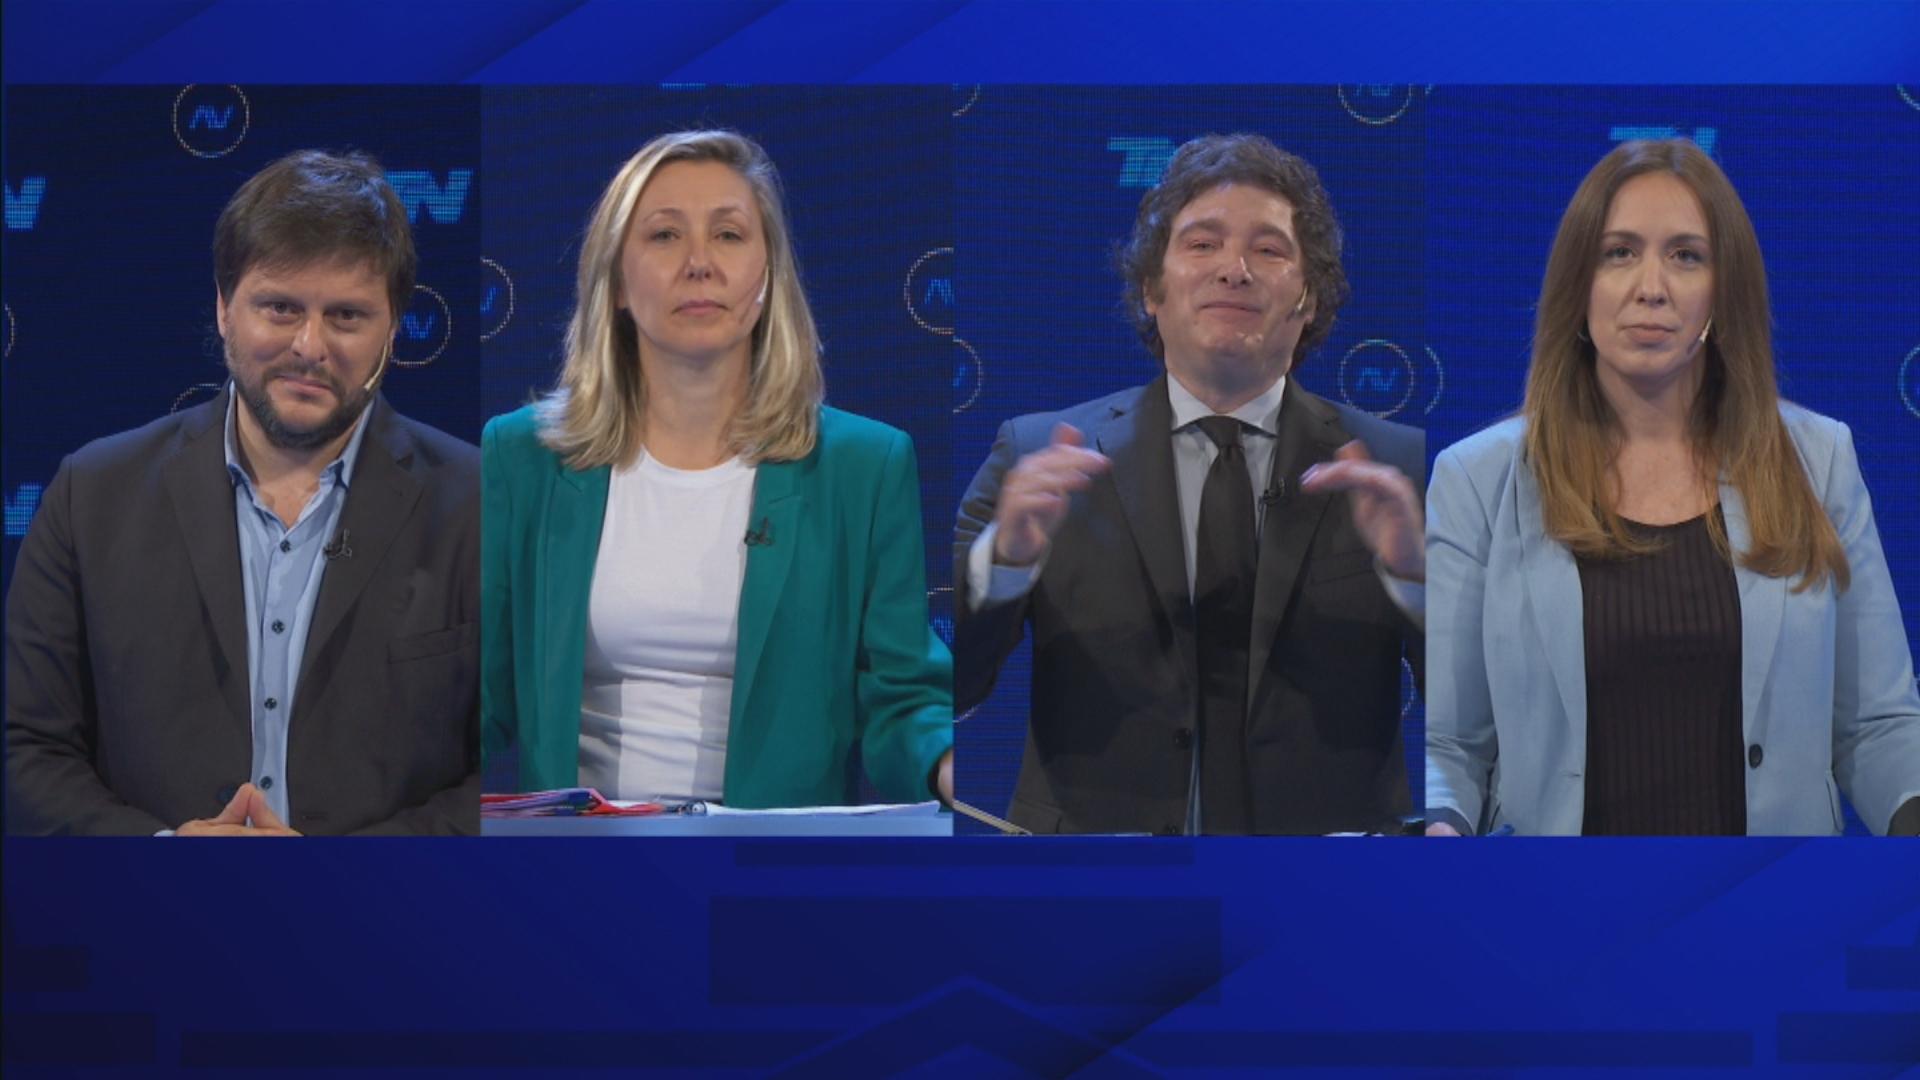 Con picos de rating y mucha tensión, el debate tuvo una clara ganadora